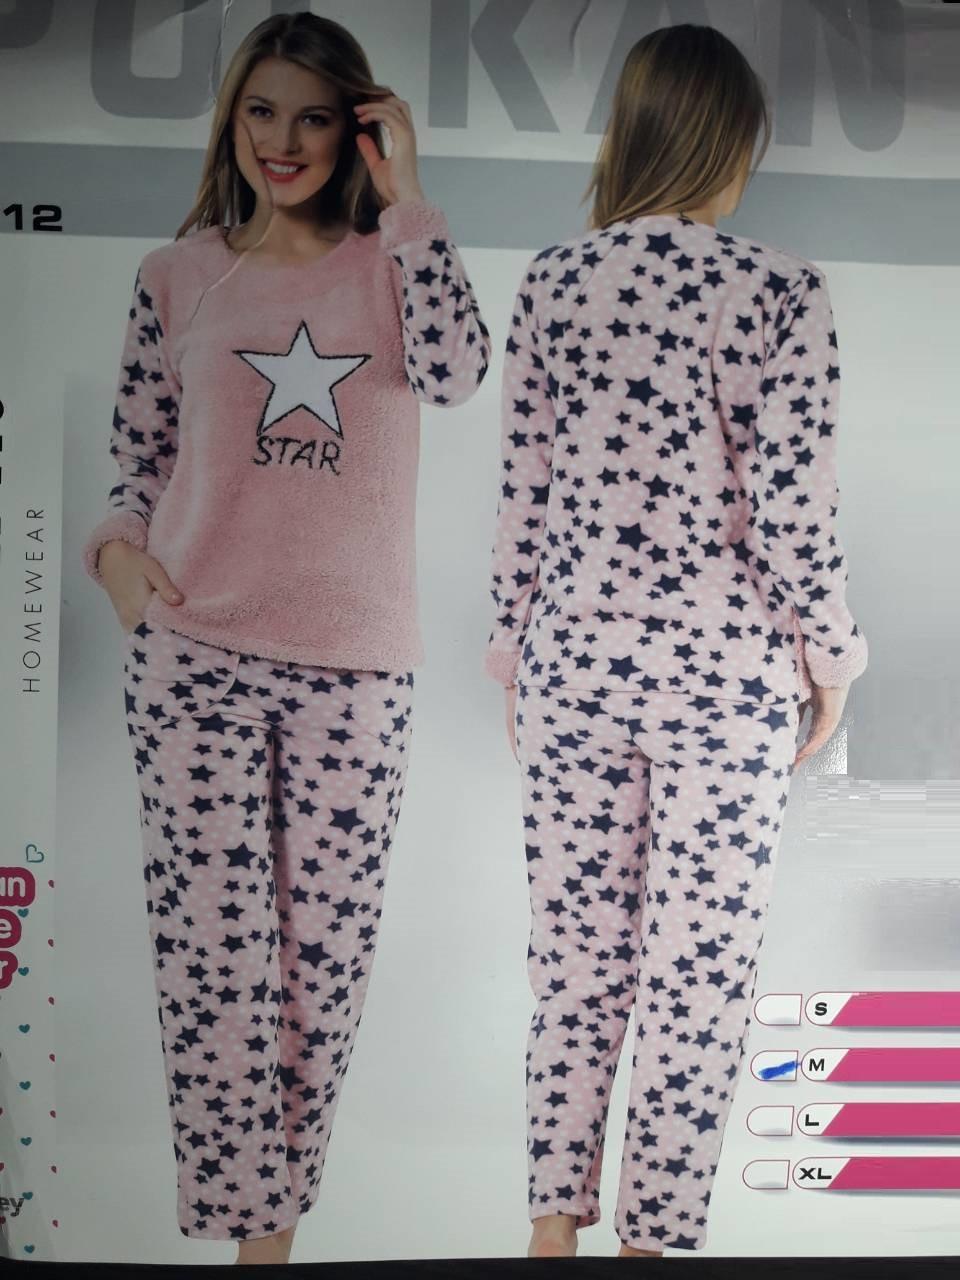 8029193e2f02b Теплая женская махровая пижама Турция LA-17512, цена 570 грн., купить в  Харькове — Prom.ua (ID#629510433)